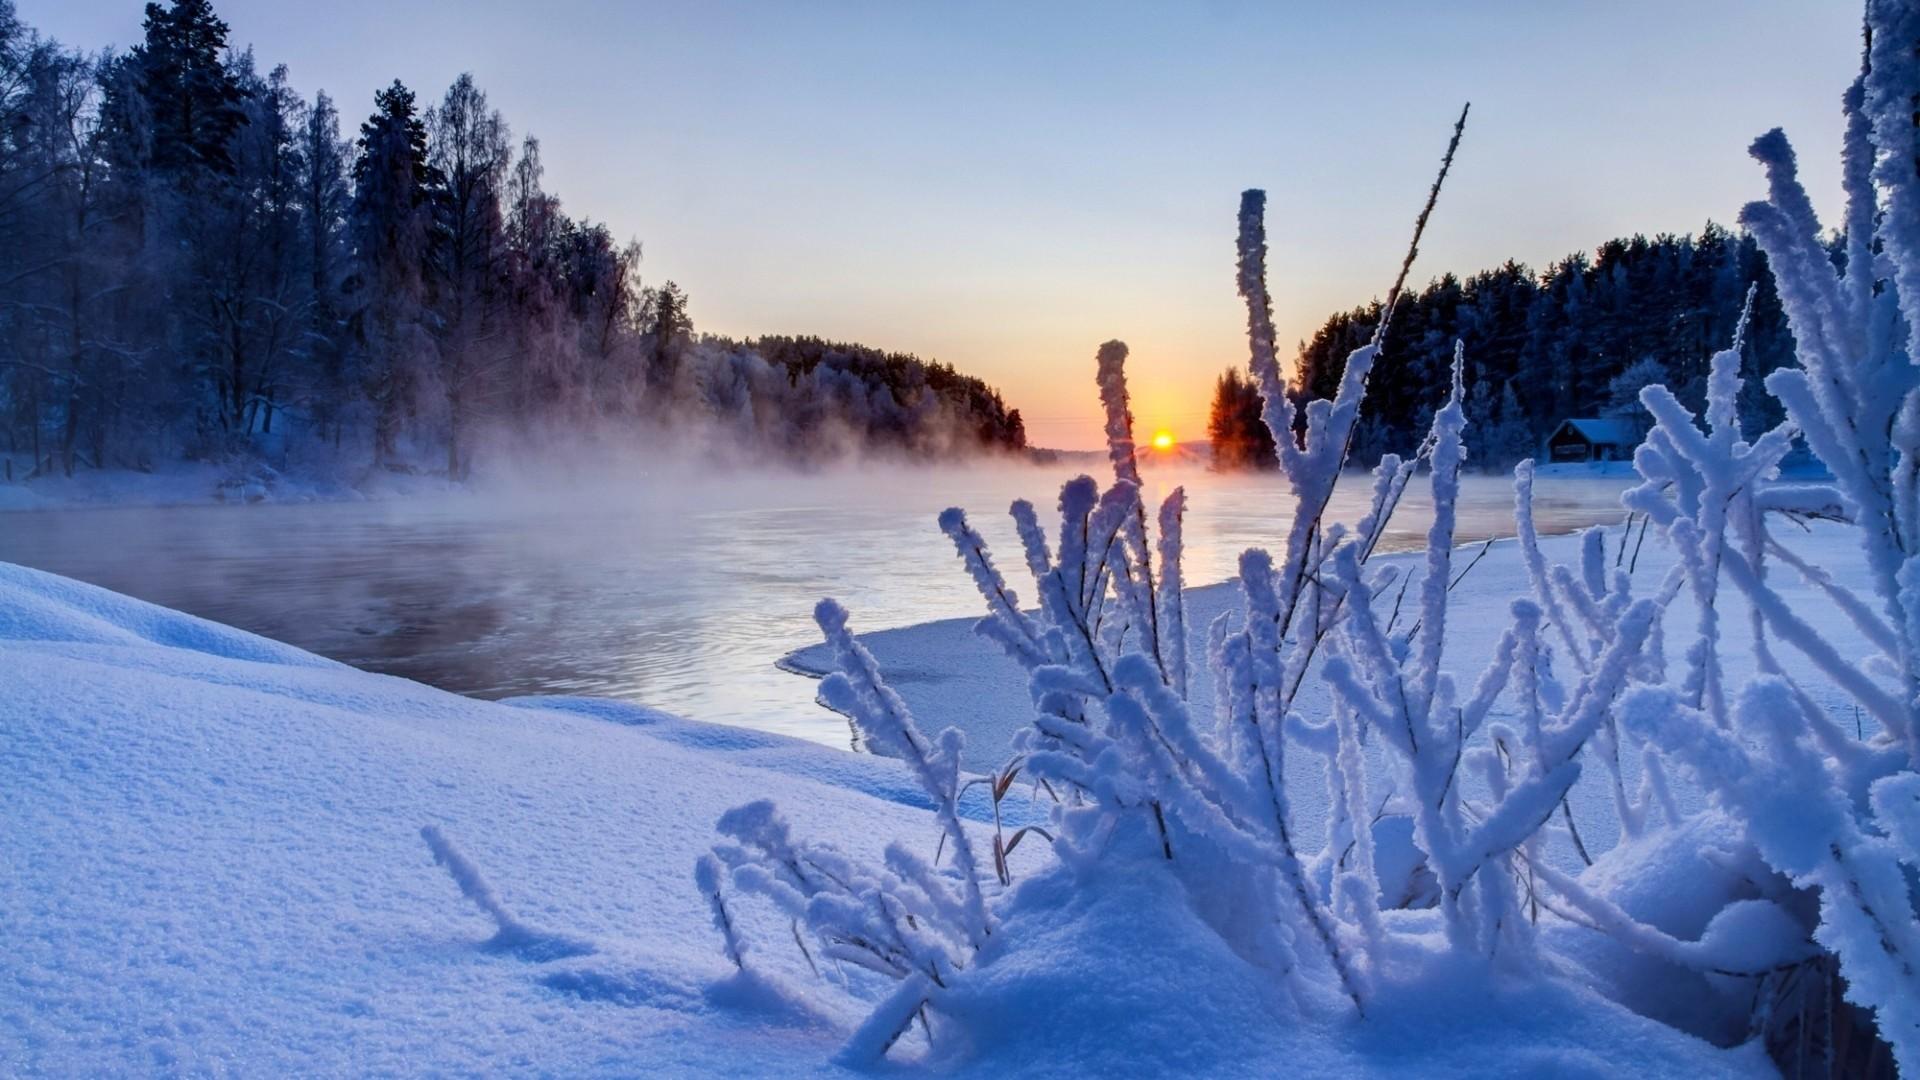 Beautiful Winter Sunset Scenery Wallpaper